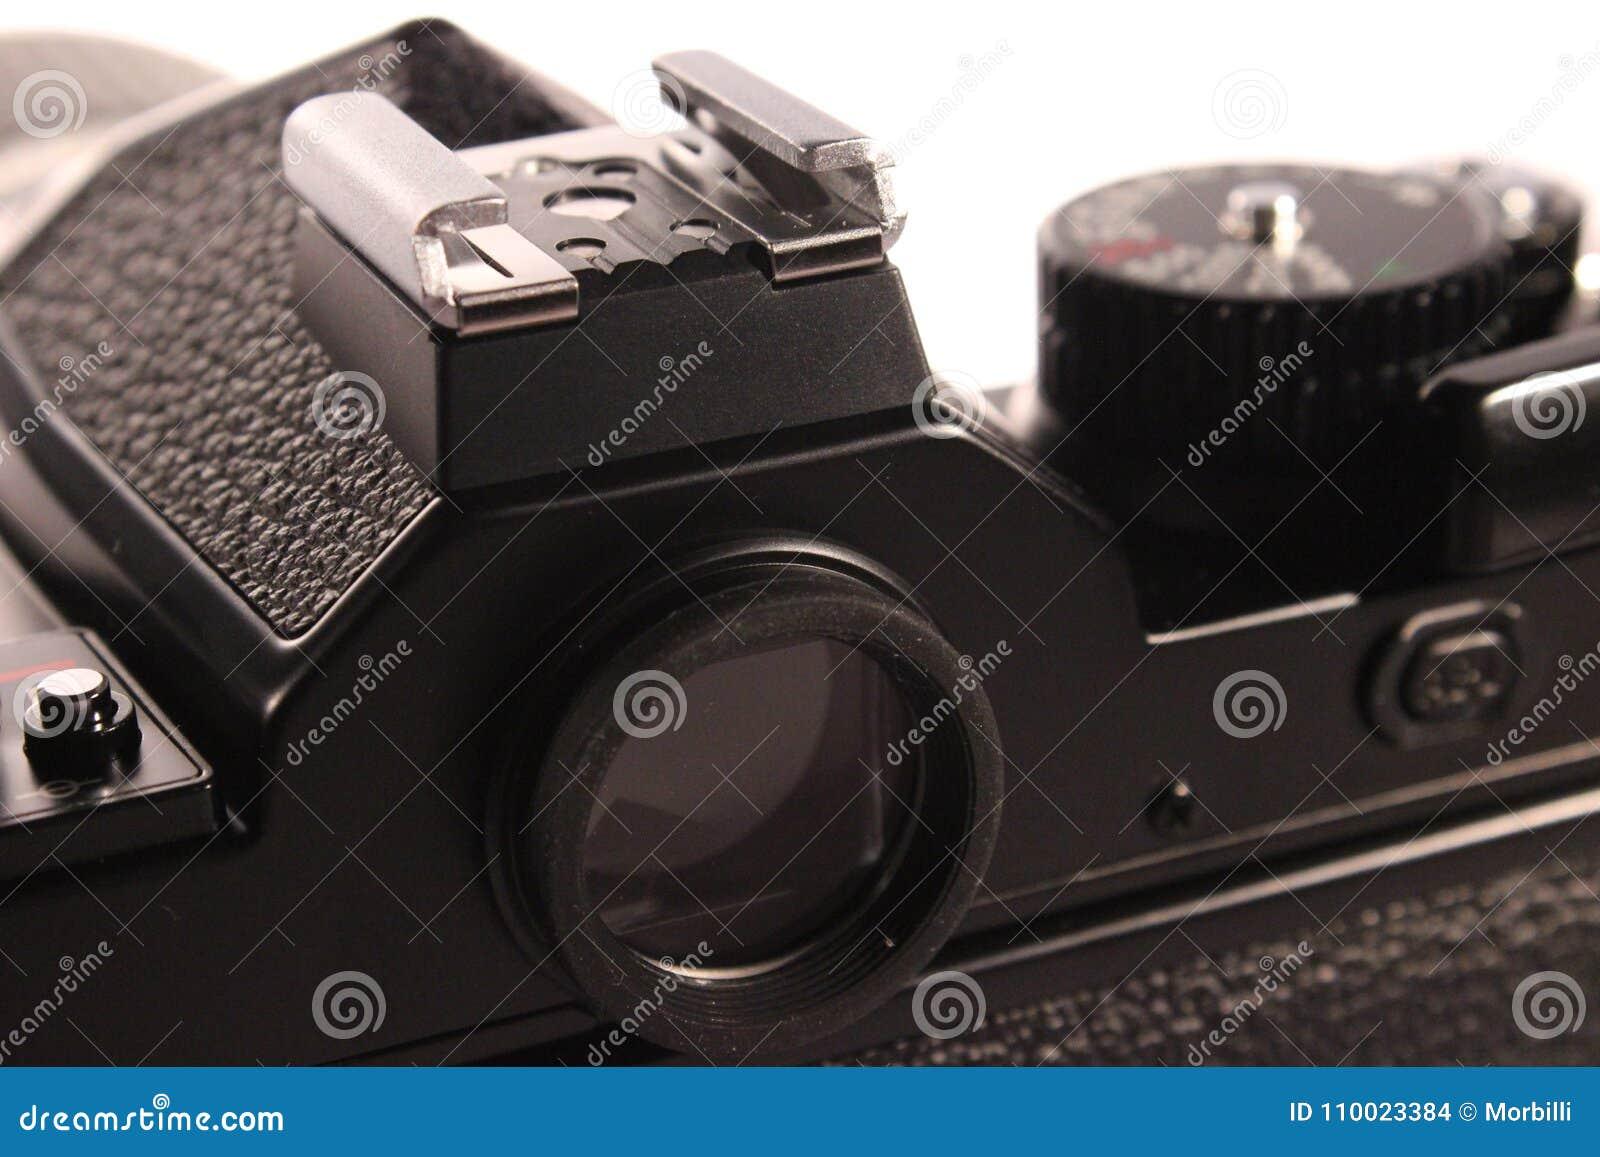 Viewfinder akcesoryjny but z speedlight kontaktem na analogowej kamerze